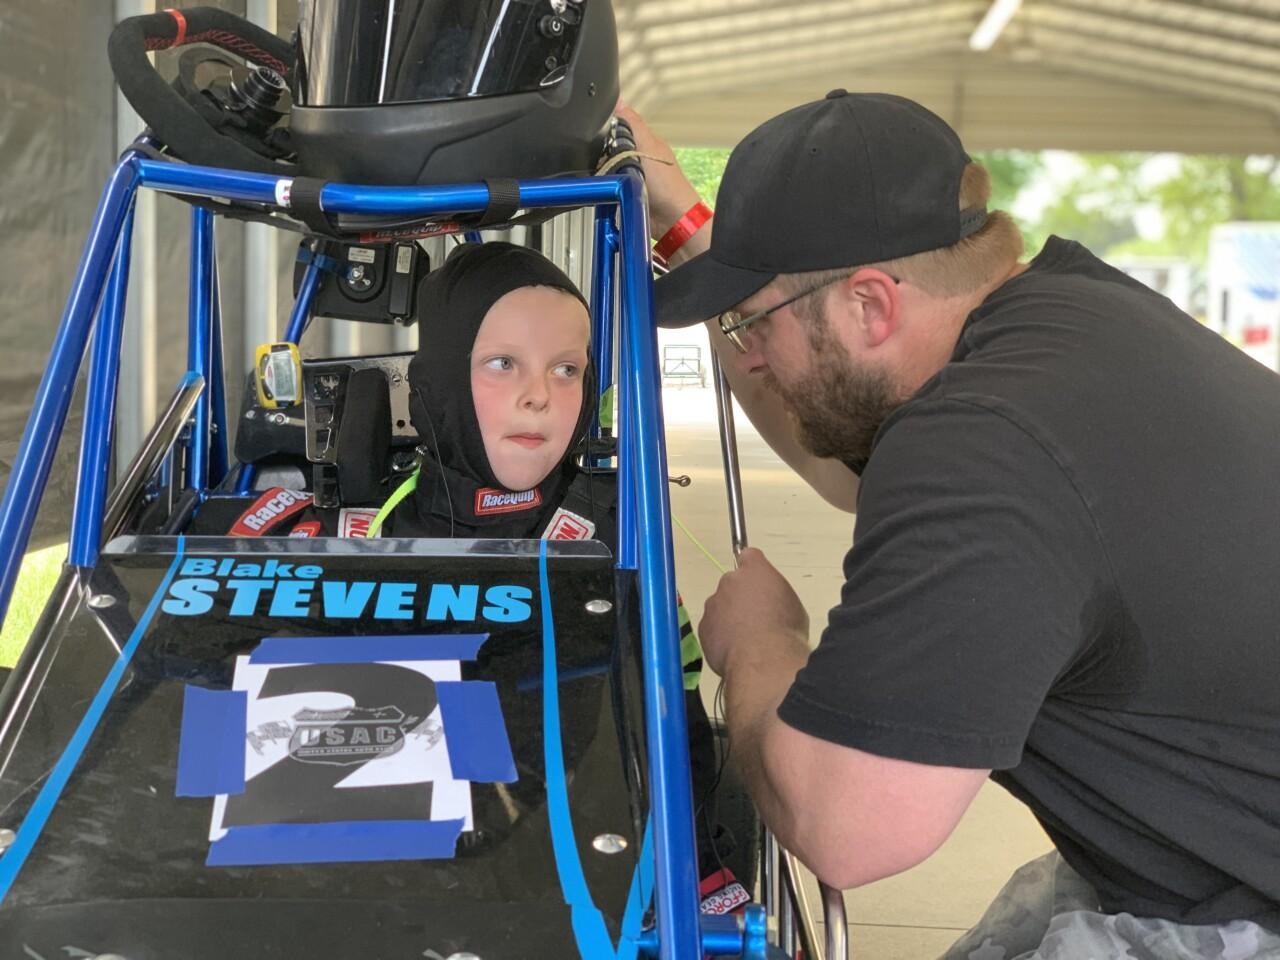 Young racer Blake Stevens